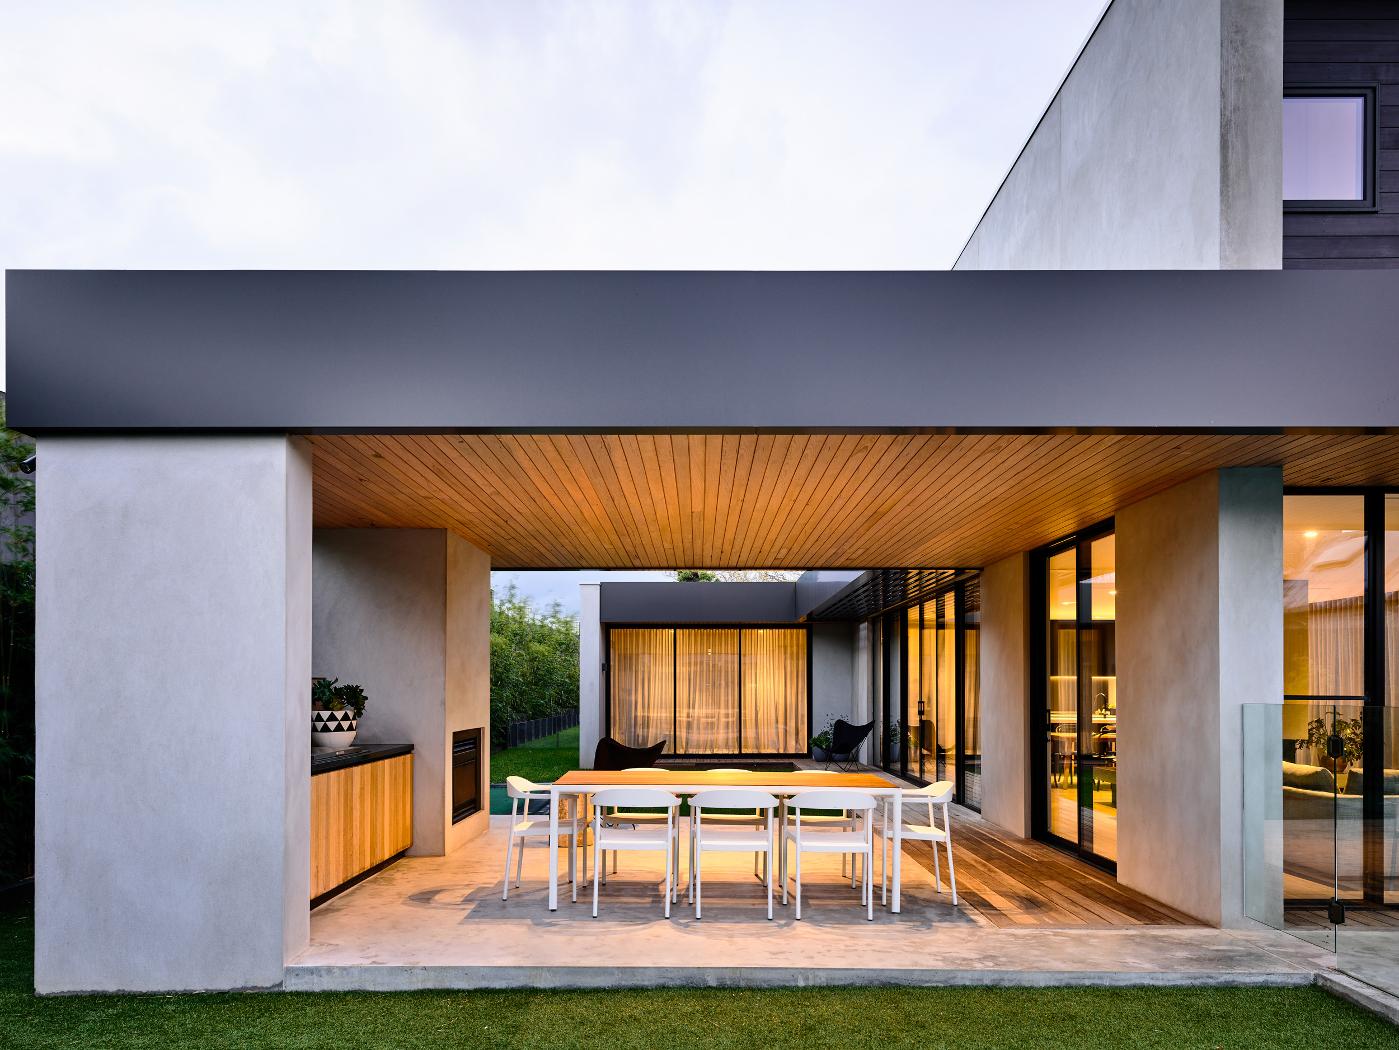 Interior design australia - Brighton 5 By Inform Design Architecture Melbourne Vic Australia Australian Architecture